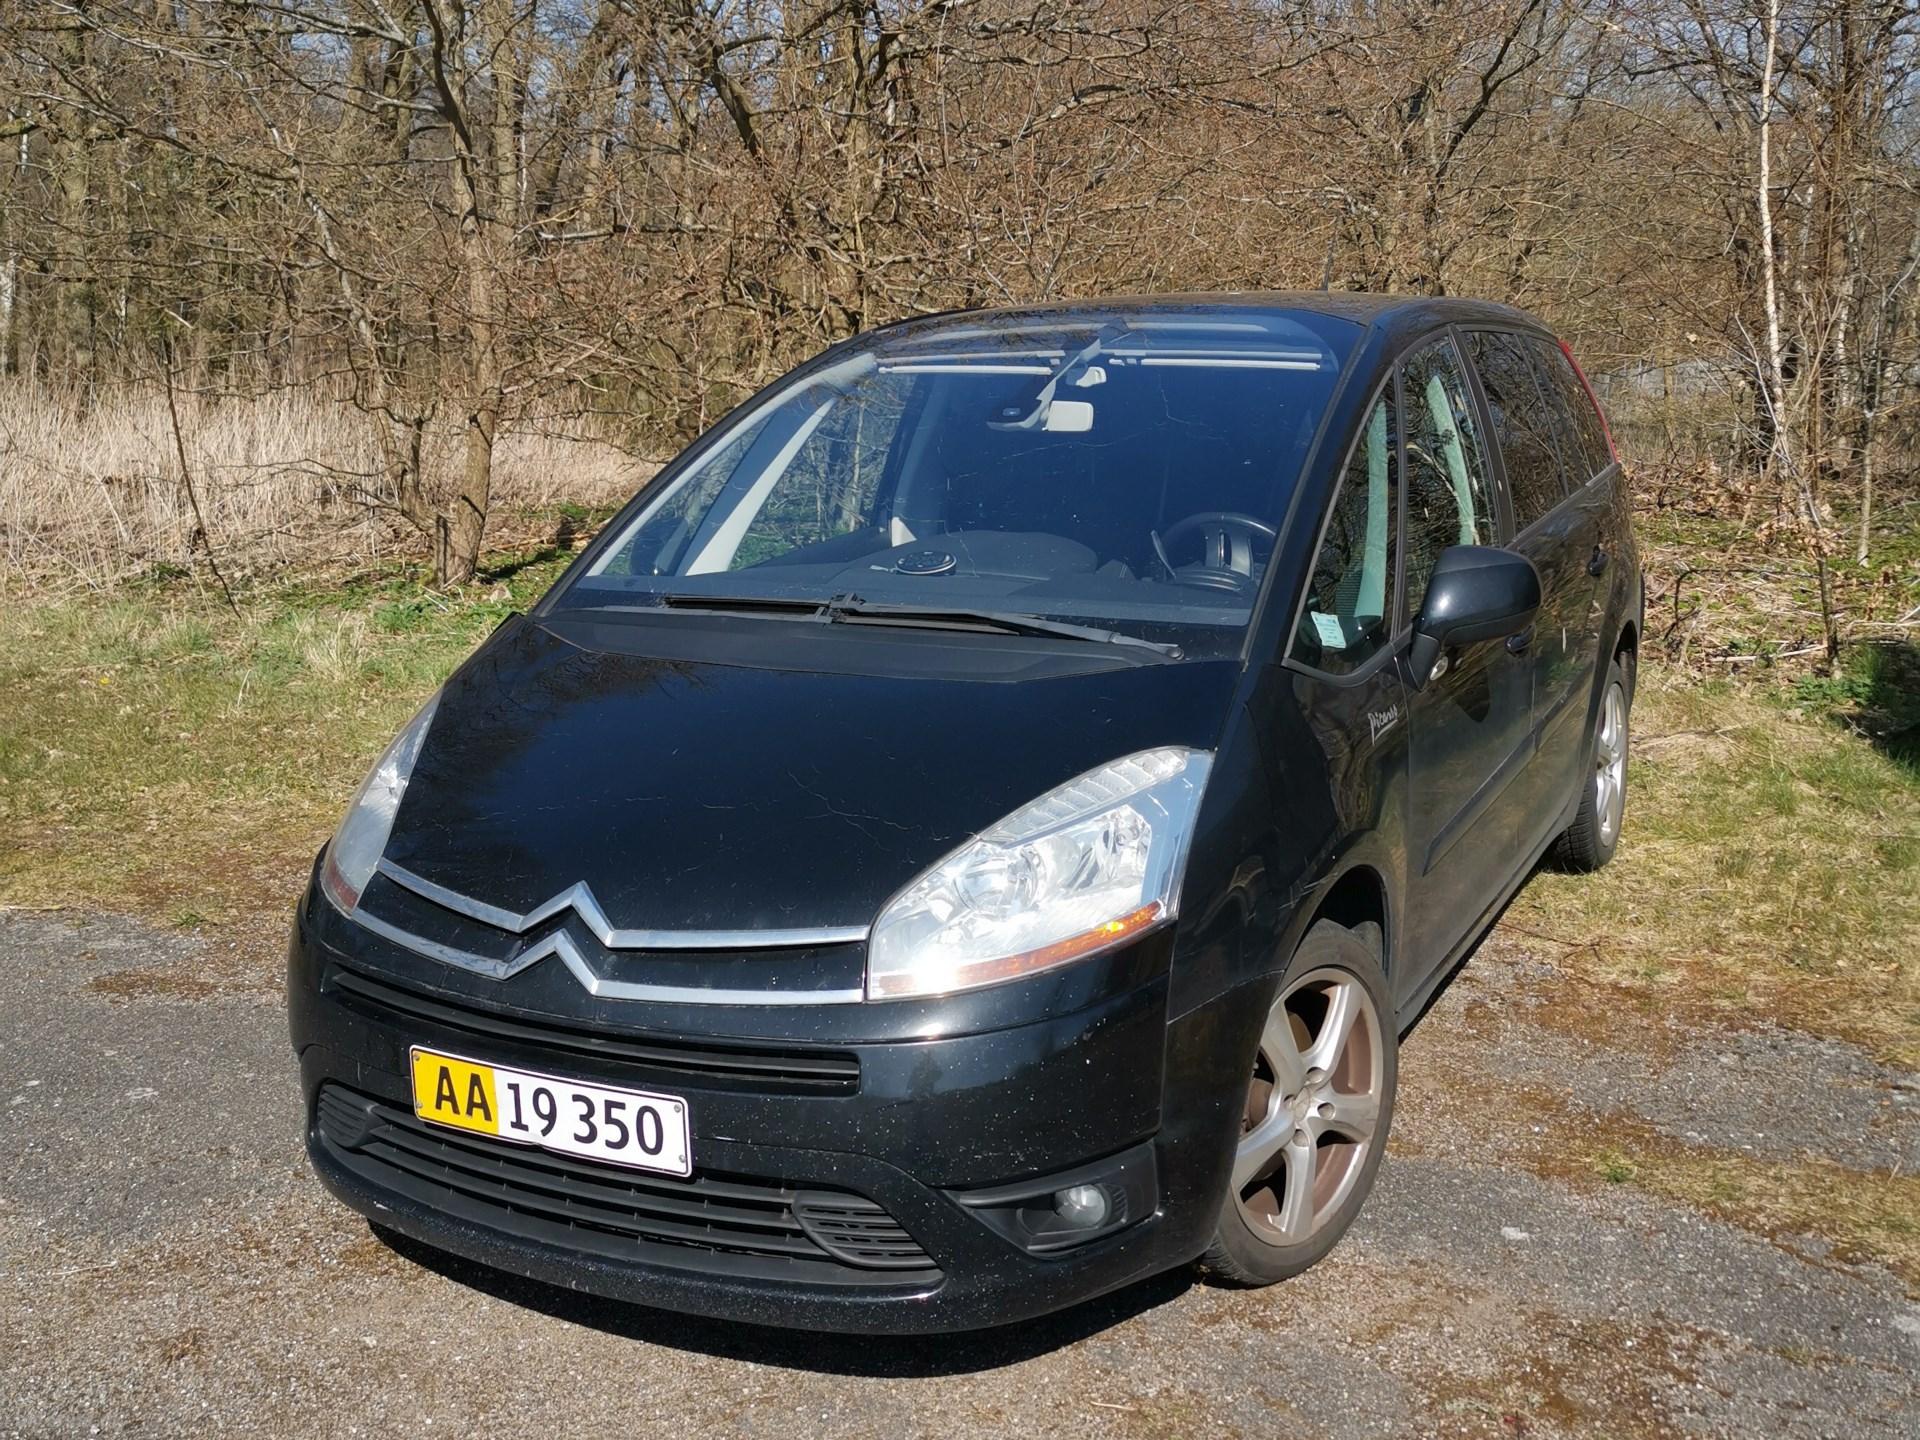 Citroën C4 Picasso 2,0 HDI VTR E6G 138HK Van 6g Aut. 2007